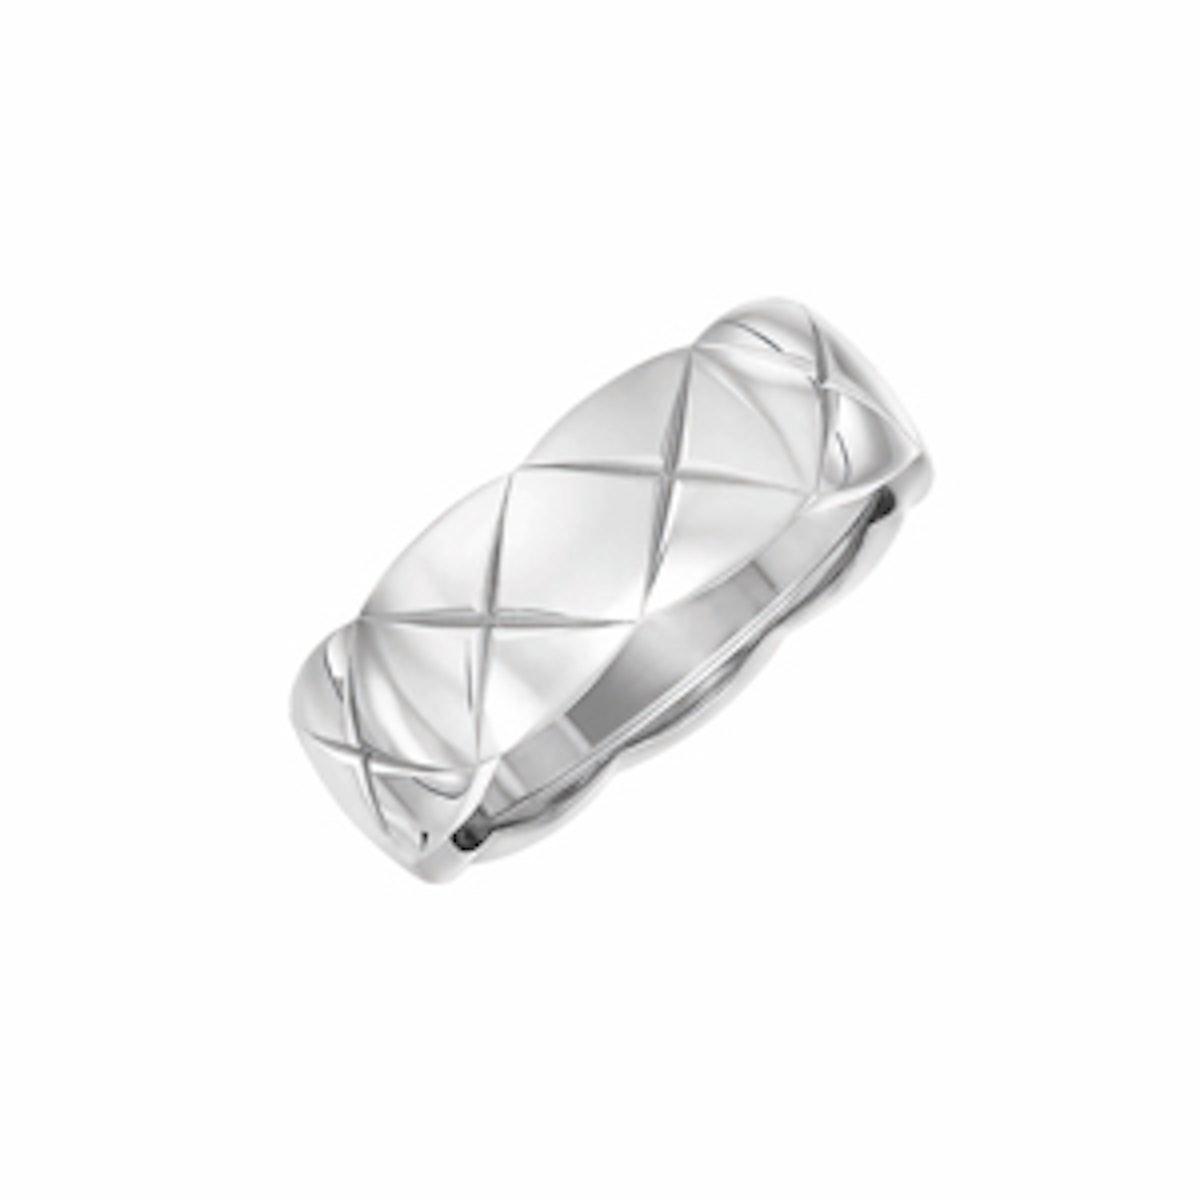 Small 18-karat White Gold Ring